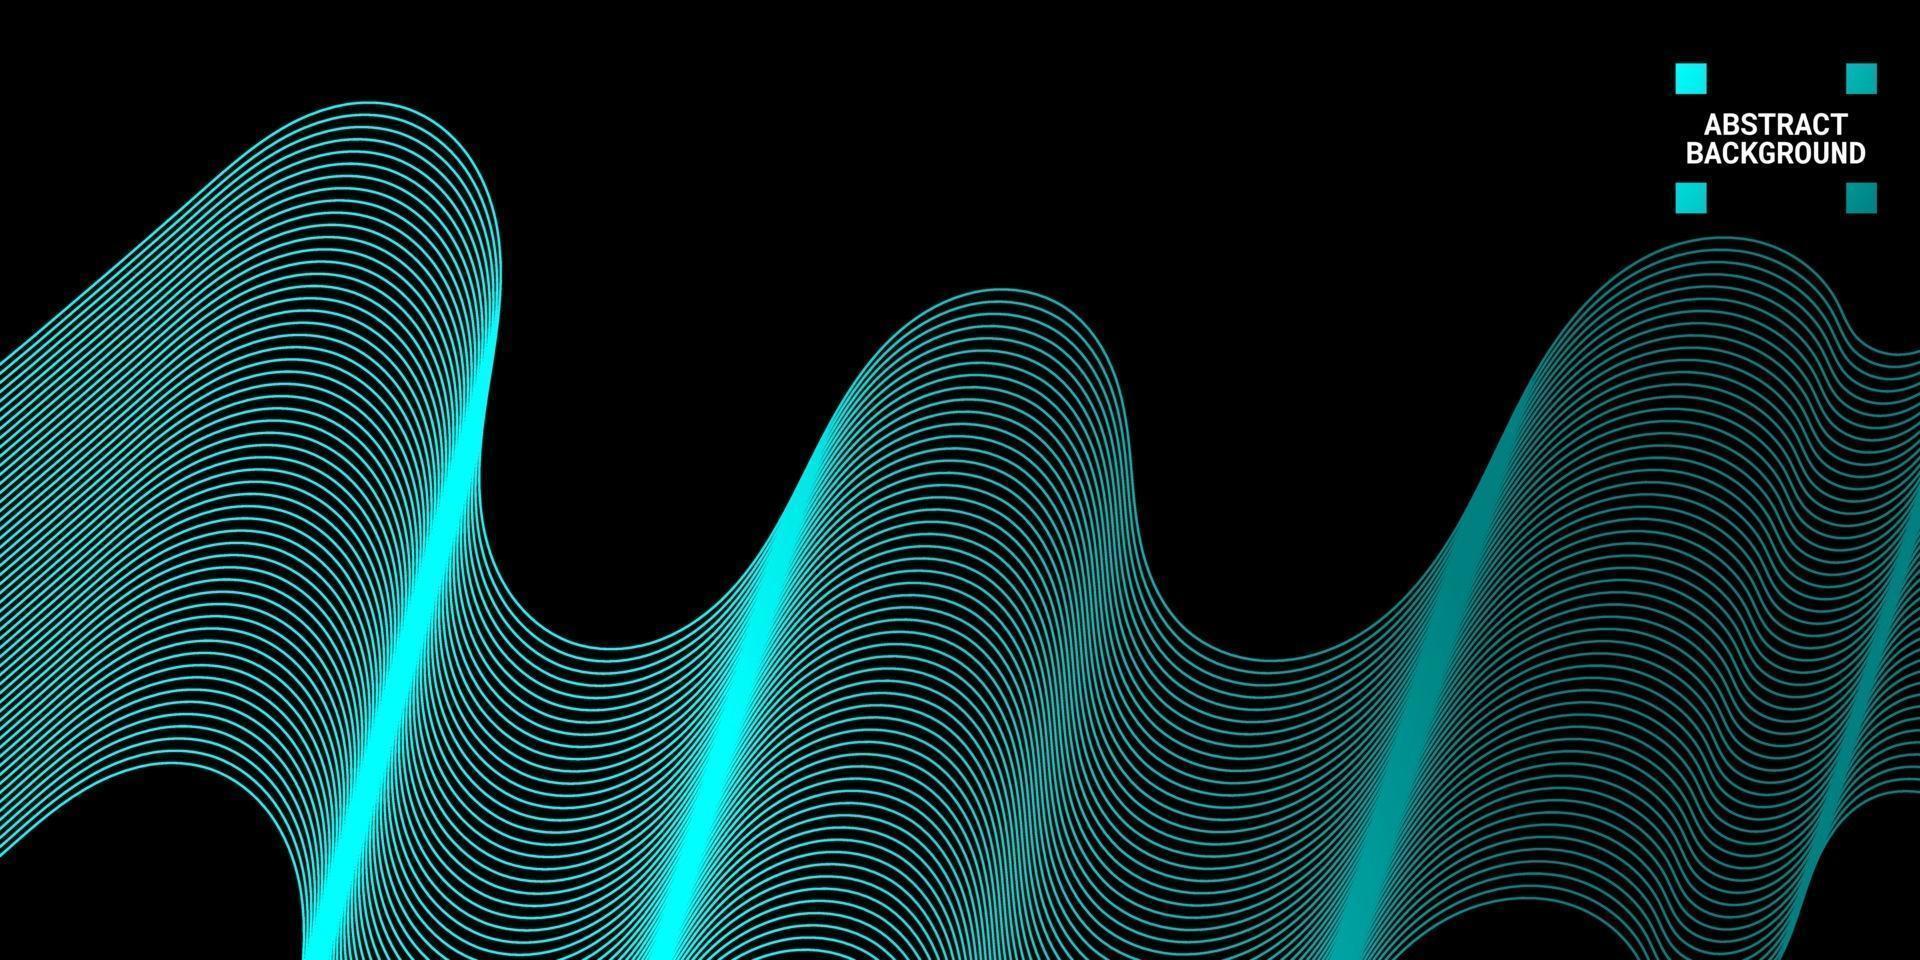 moderner abstrakter Hintergrund mit Wellenlinien in hellblauen Abstufungen vektor